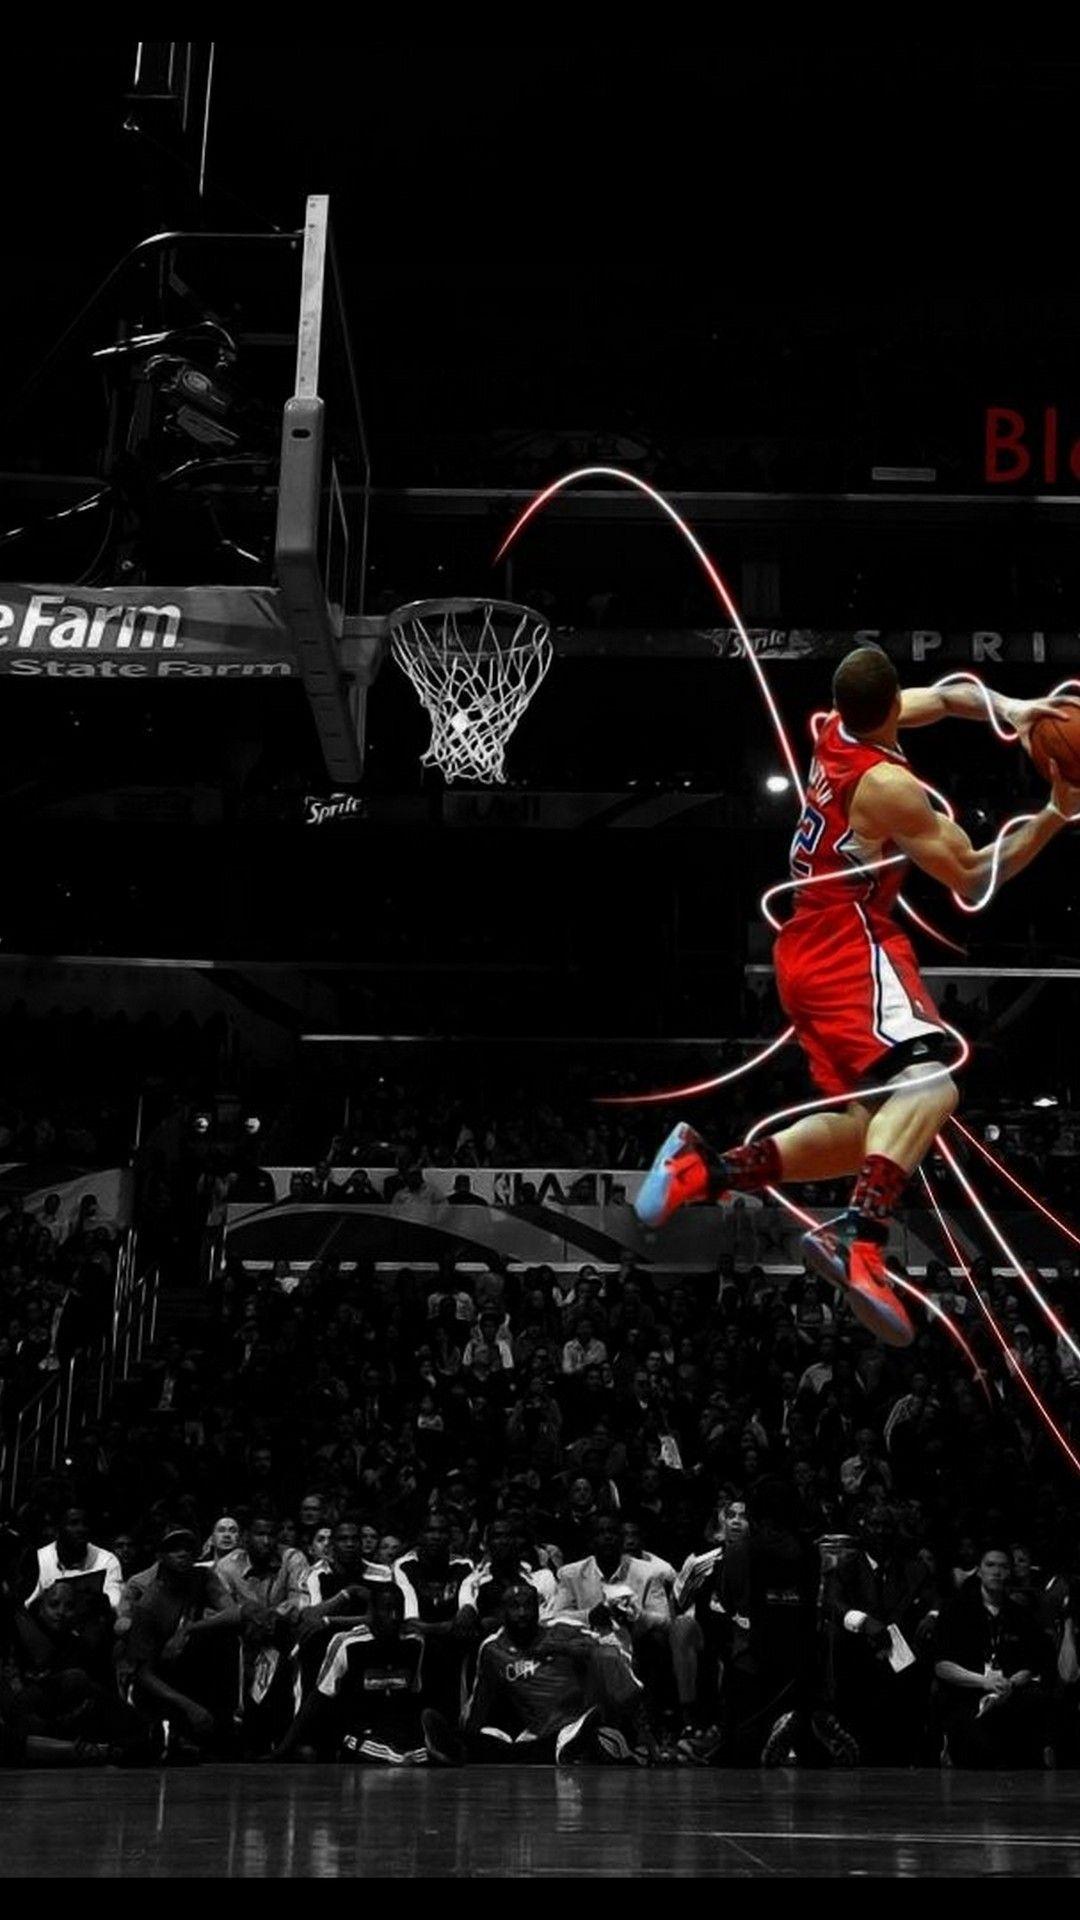 Basketball Wallpaper Best Basketball Wallpapers 2020 Iphone 7 Plus Wallpaper Basketball Wallpaper Basketball Wallpapers Hd